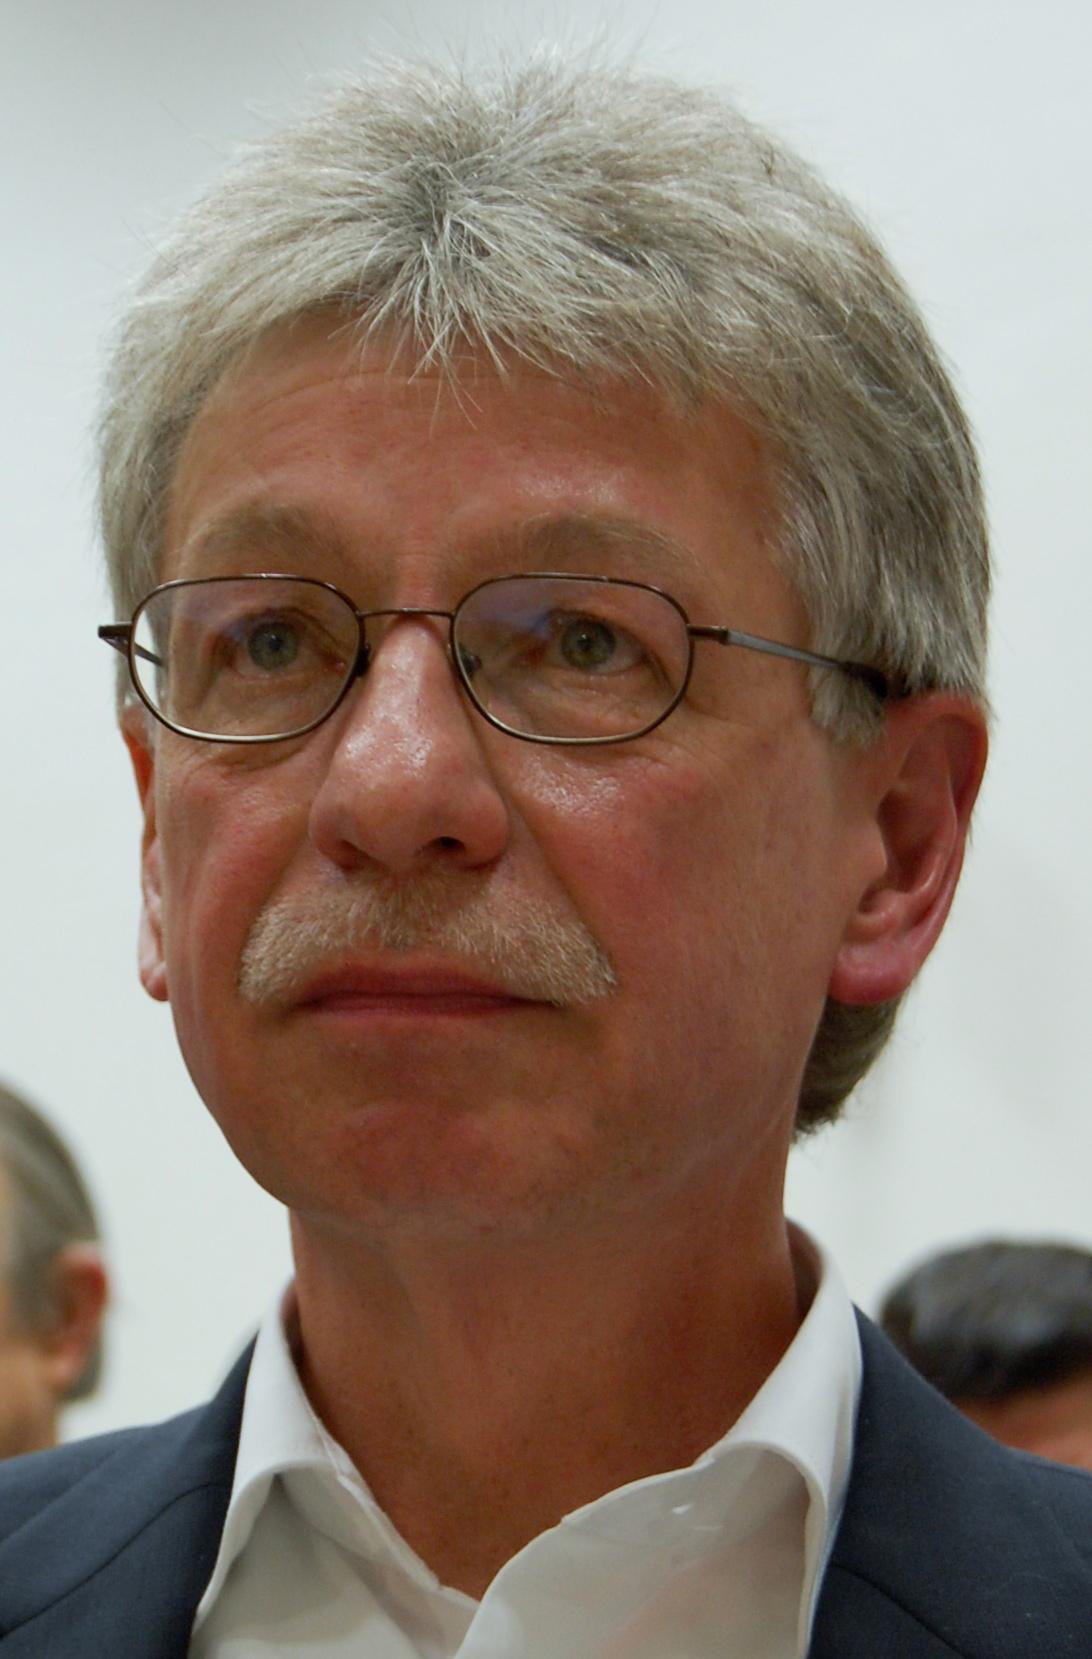 Райнхард Йиргль, 2013 год. Фото Сигизмунда фон Добшютца